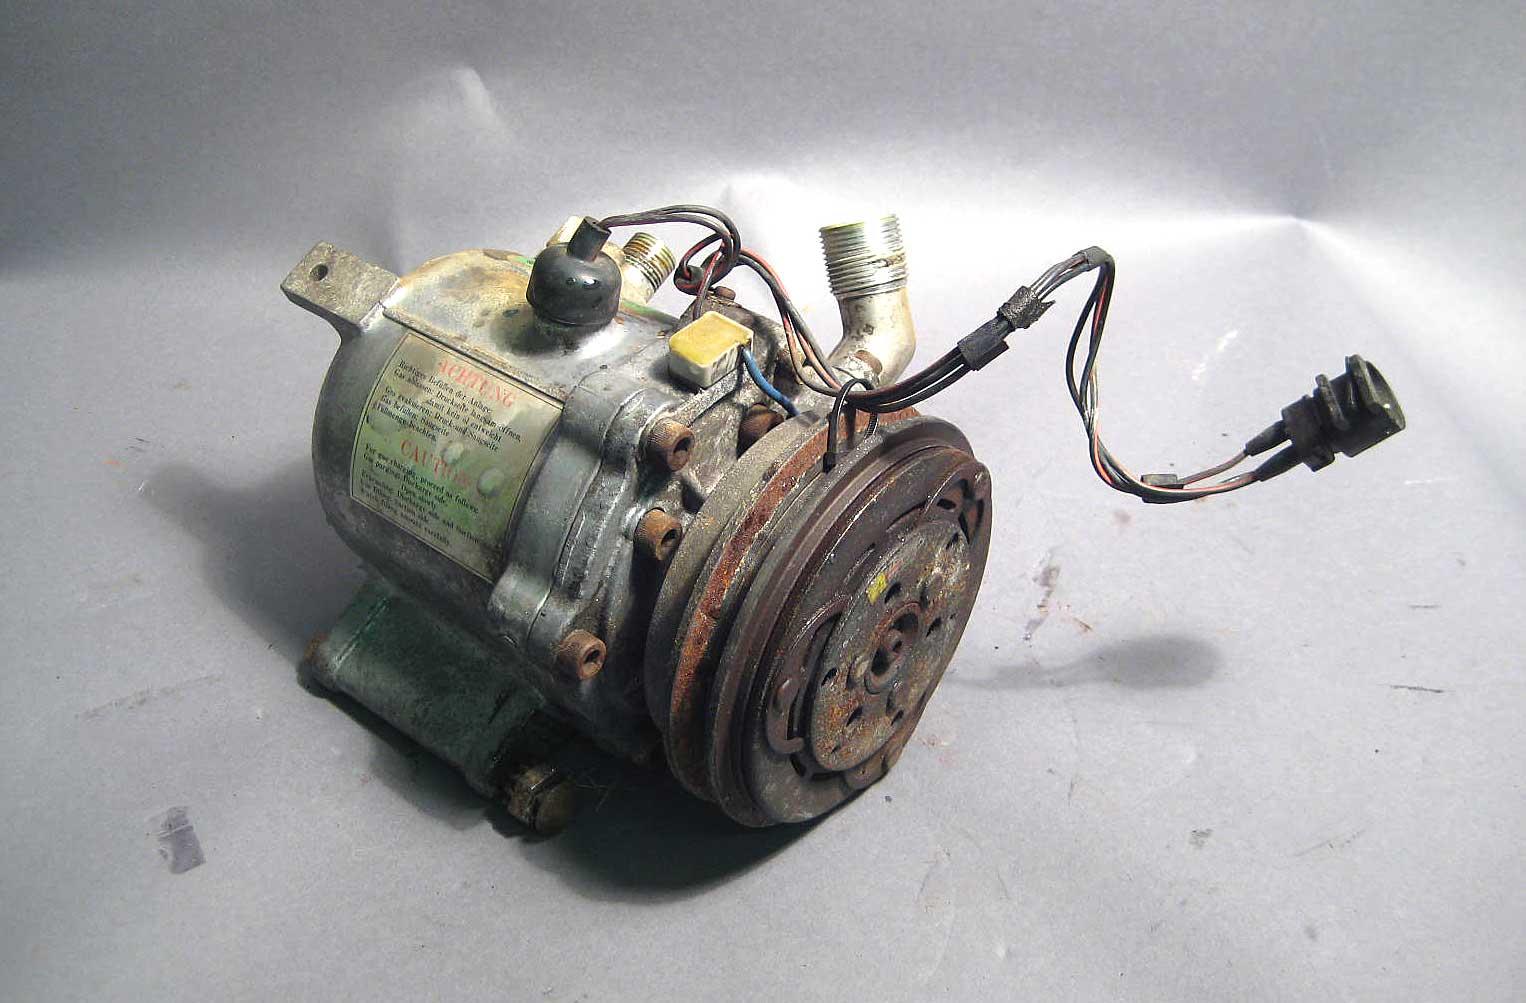 Bmw E30 Compresor De Ca Seiko 3 Cables R 12 84 91 318i 325e 325is M3 1999 528i Ac Wiring Compressor Wire E28 528e 535i